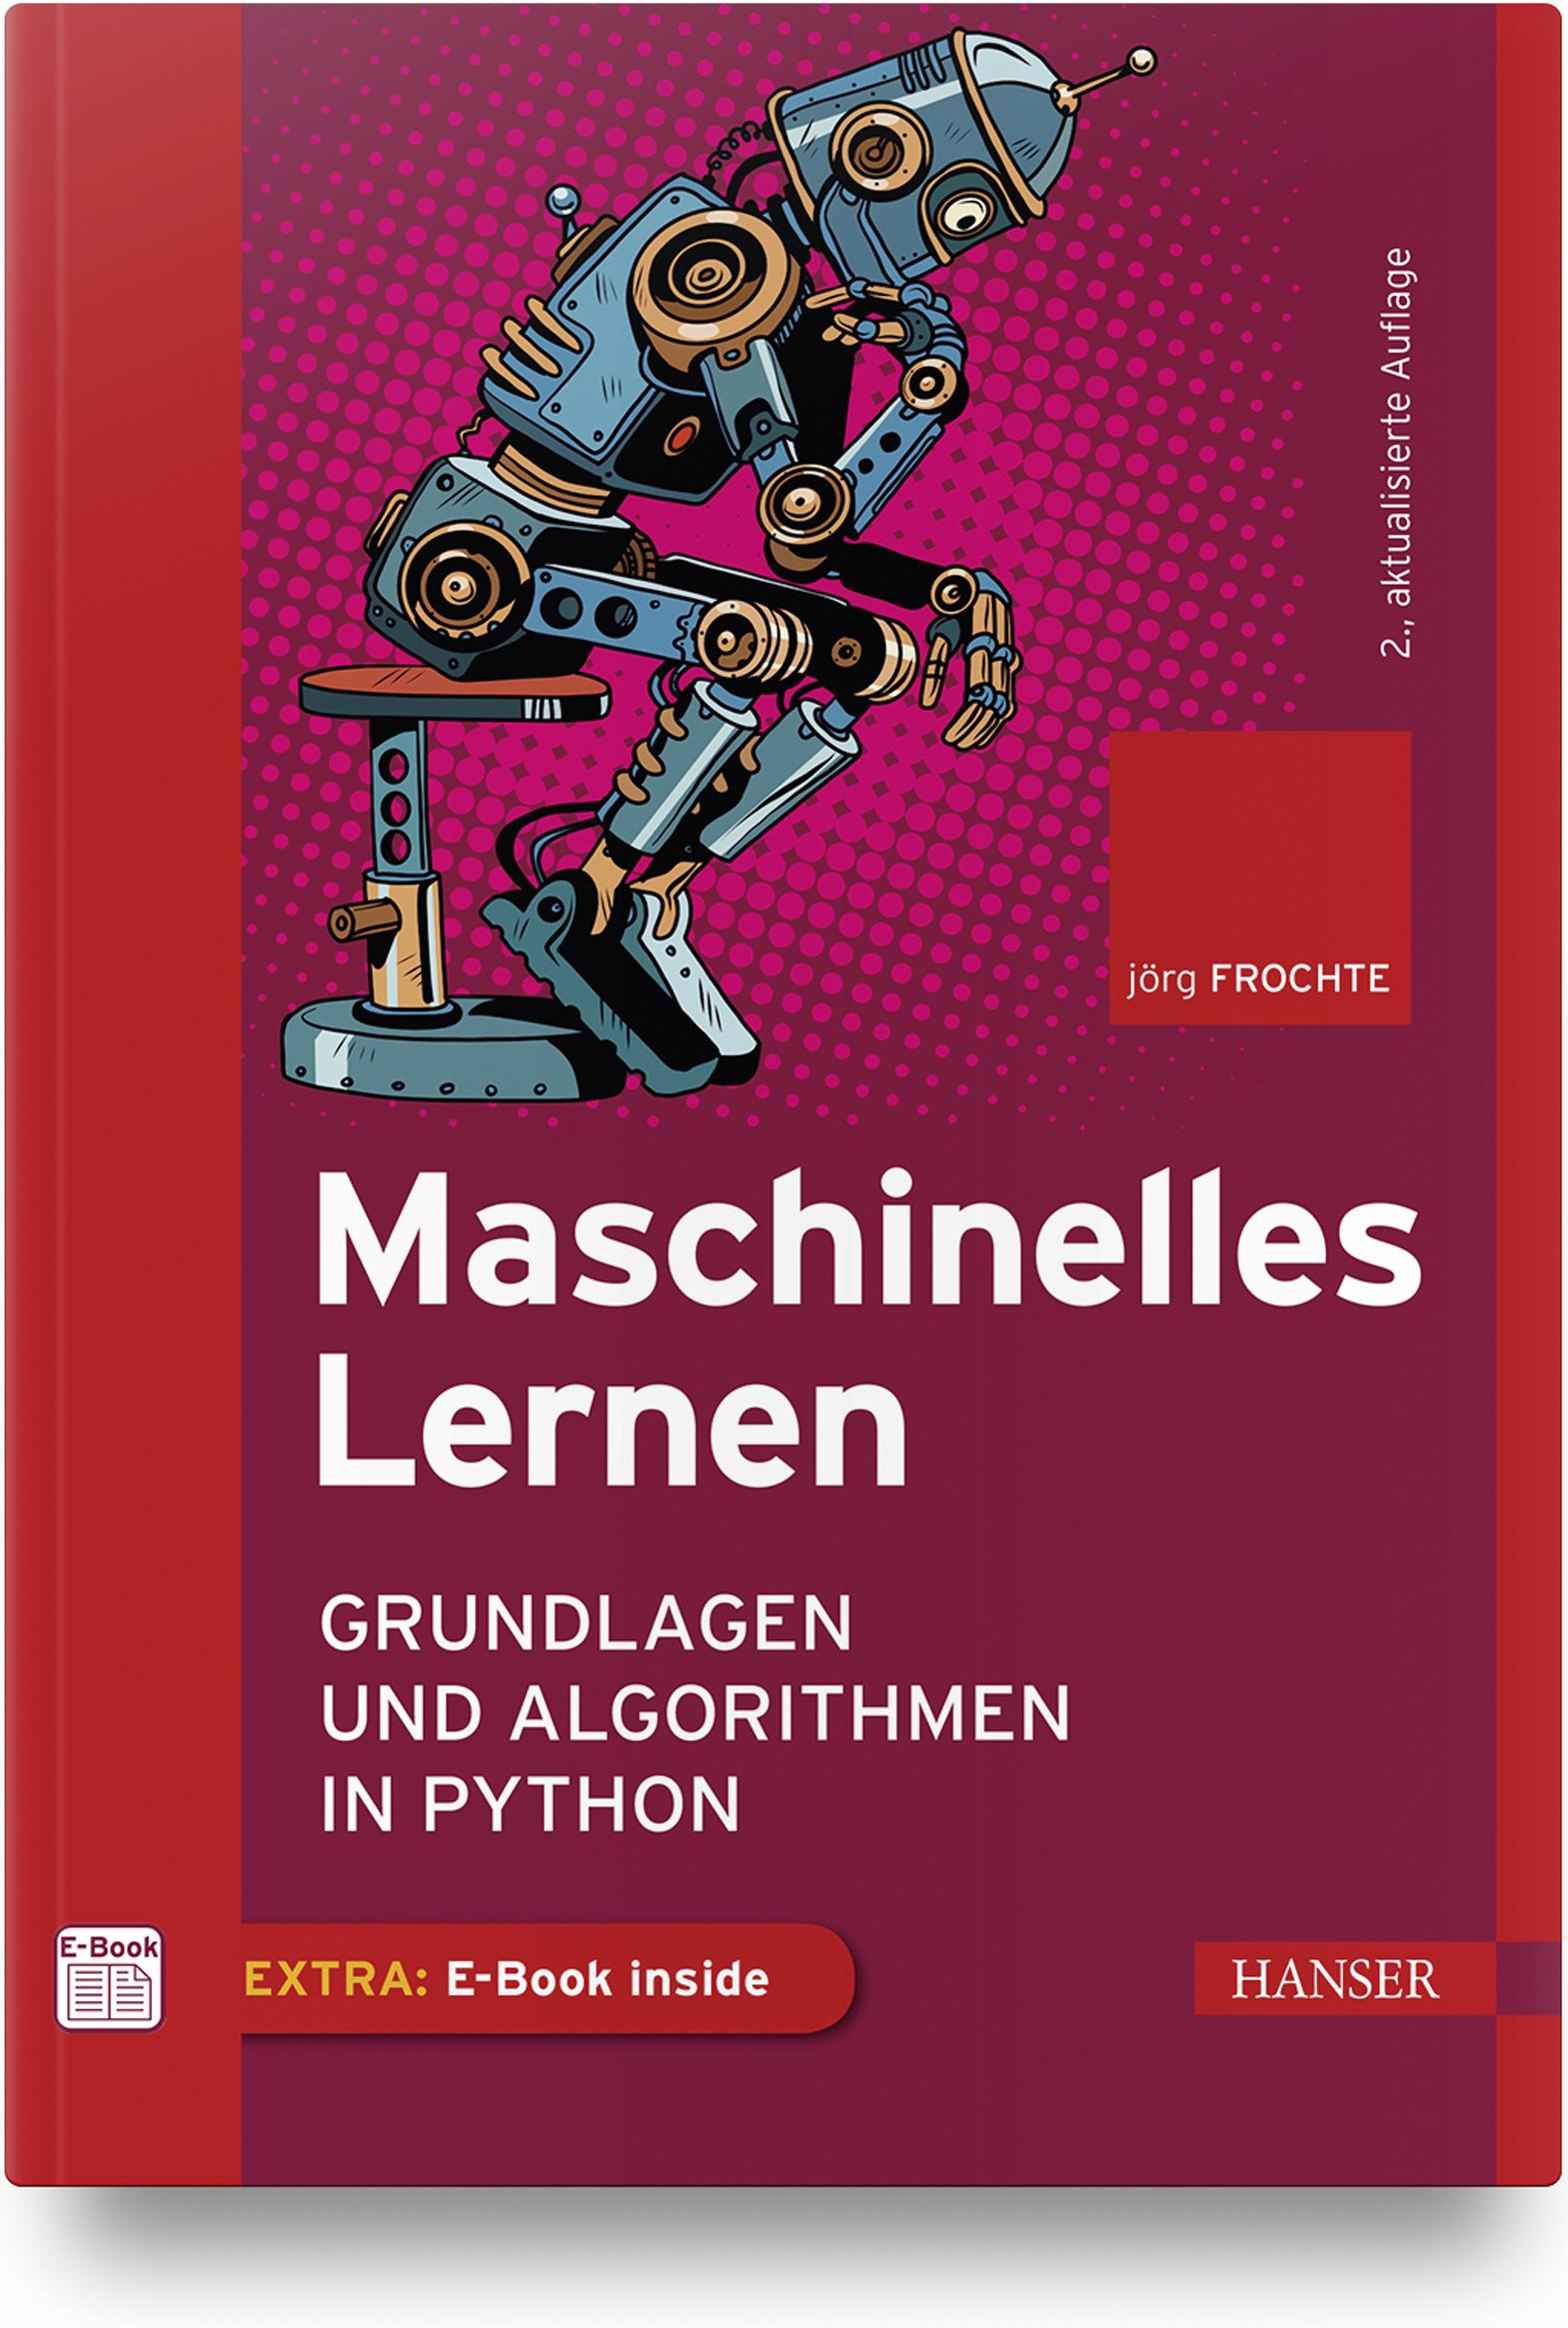 Frochte, Maschinelles Lernen, 978-3-446-45996-0